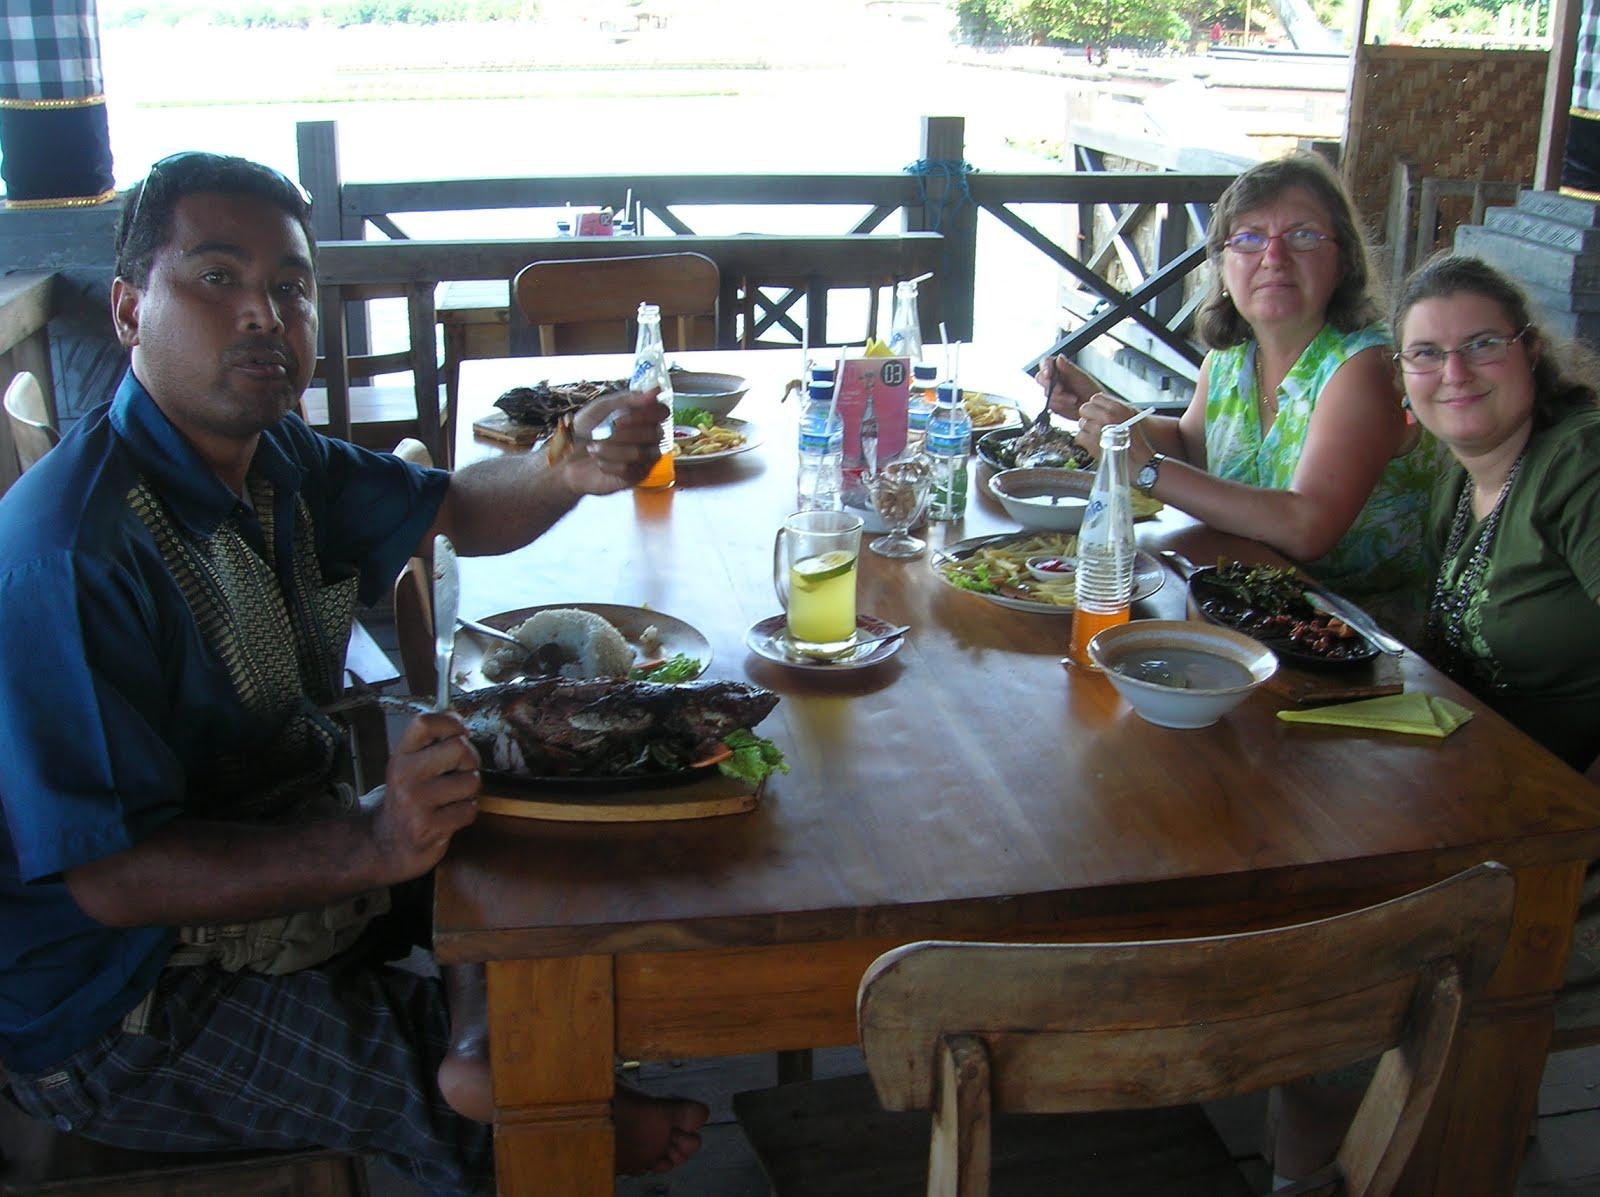 Puerto de Singaraja, Isla de Bali,Indonesia, vuelta al mundo, round the world, La vuelta al mundo de Asun y Ricardo